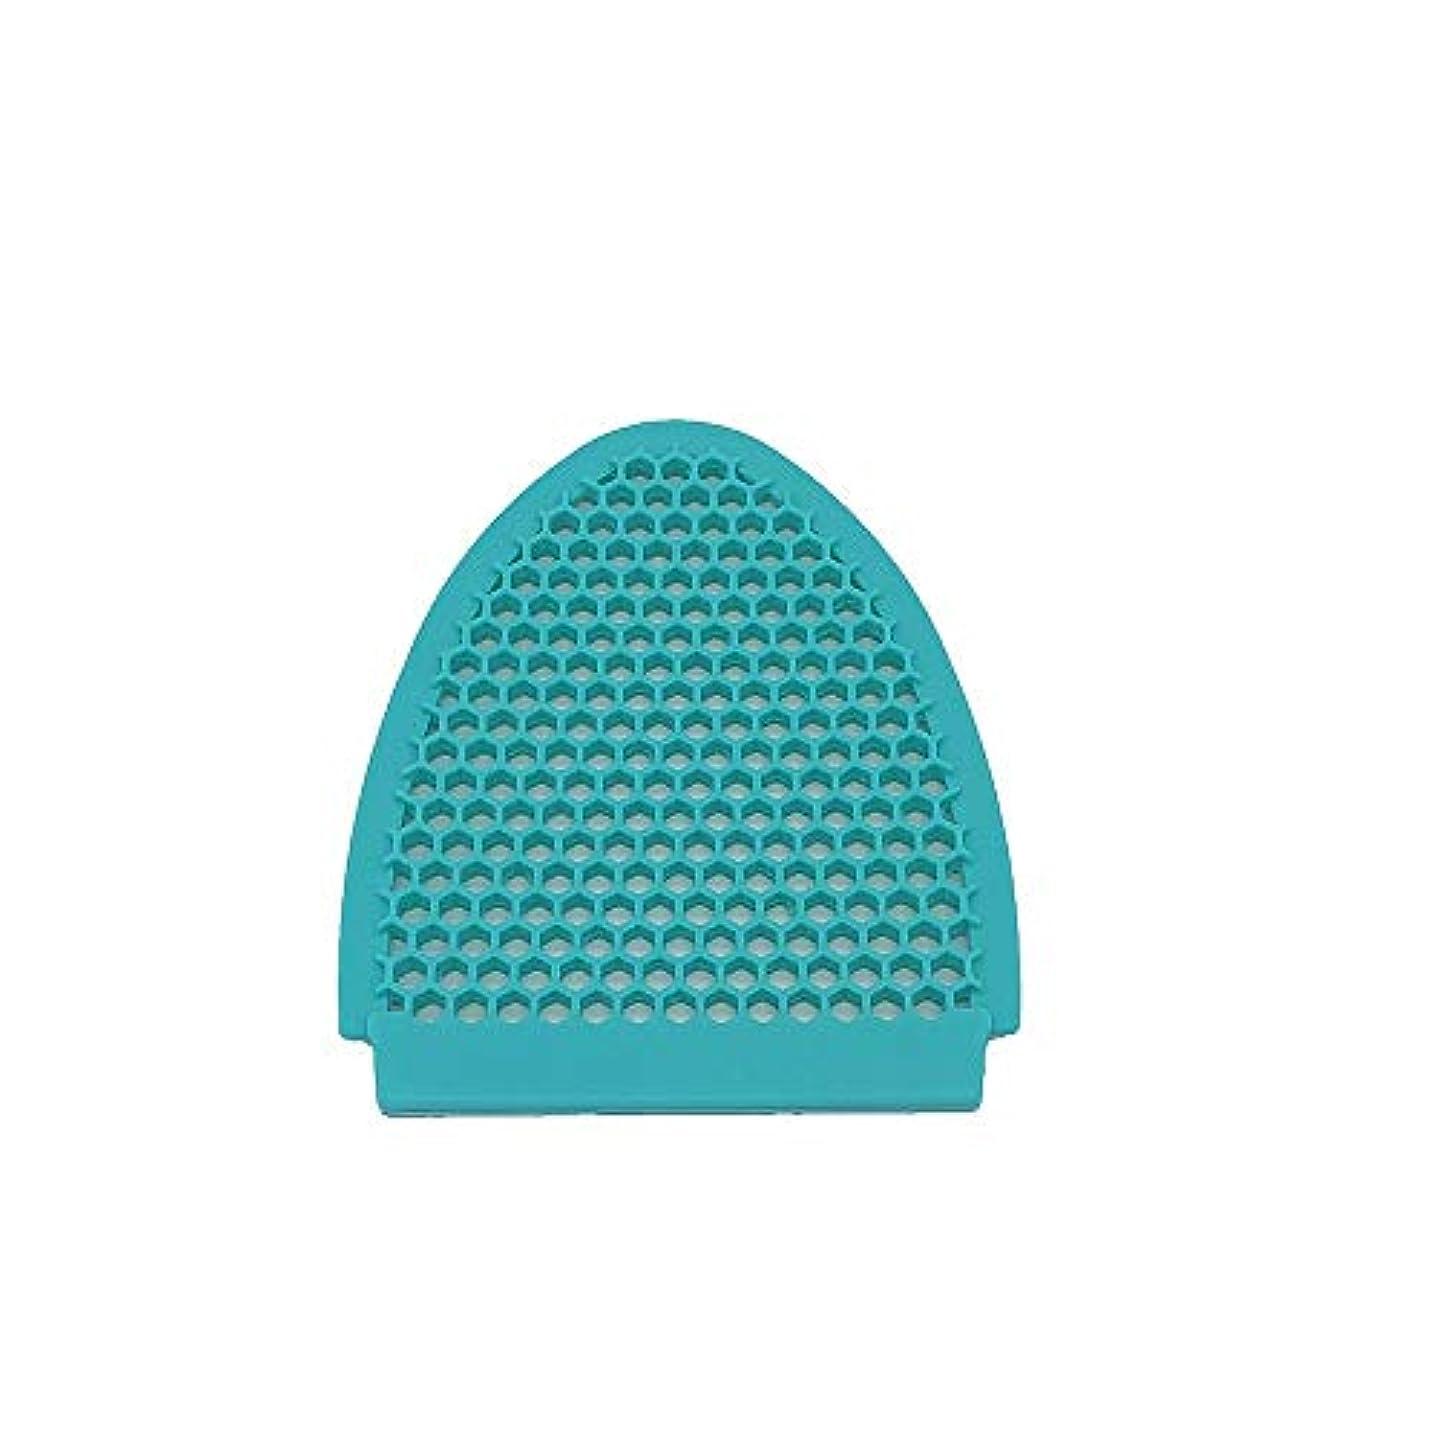 岩追い出す発生する5個セット シリコンブラシ シリコンスポンジ 洗顔 体洗い 多機能 角質除去 毛穴清潔 洗顔用フェイスブラシ (Color : Green)